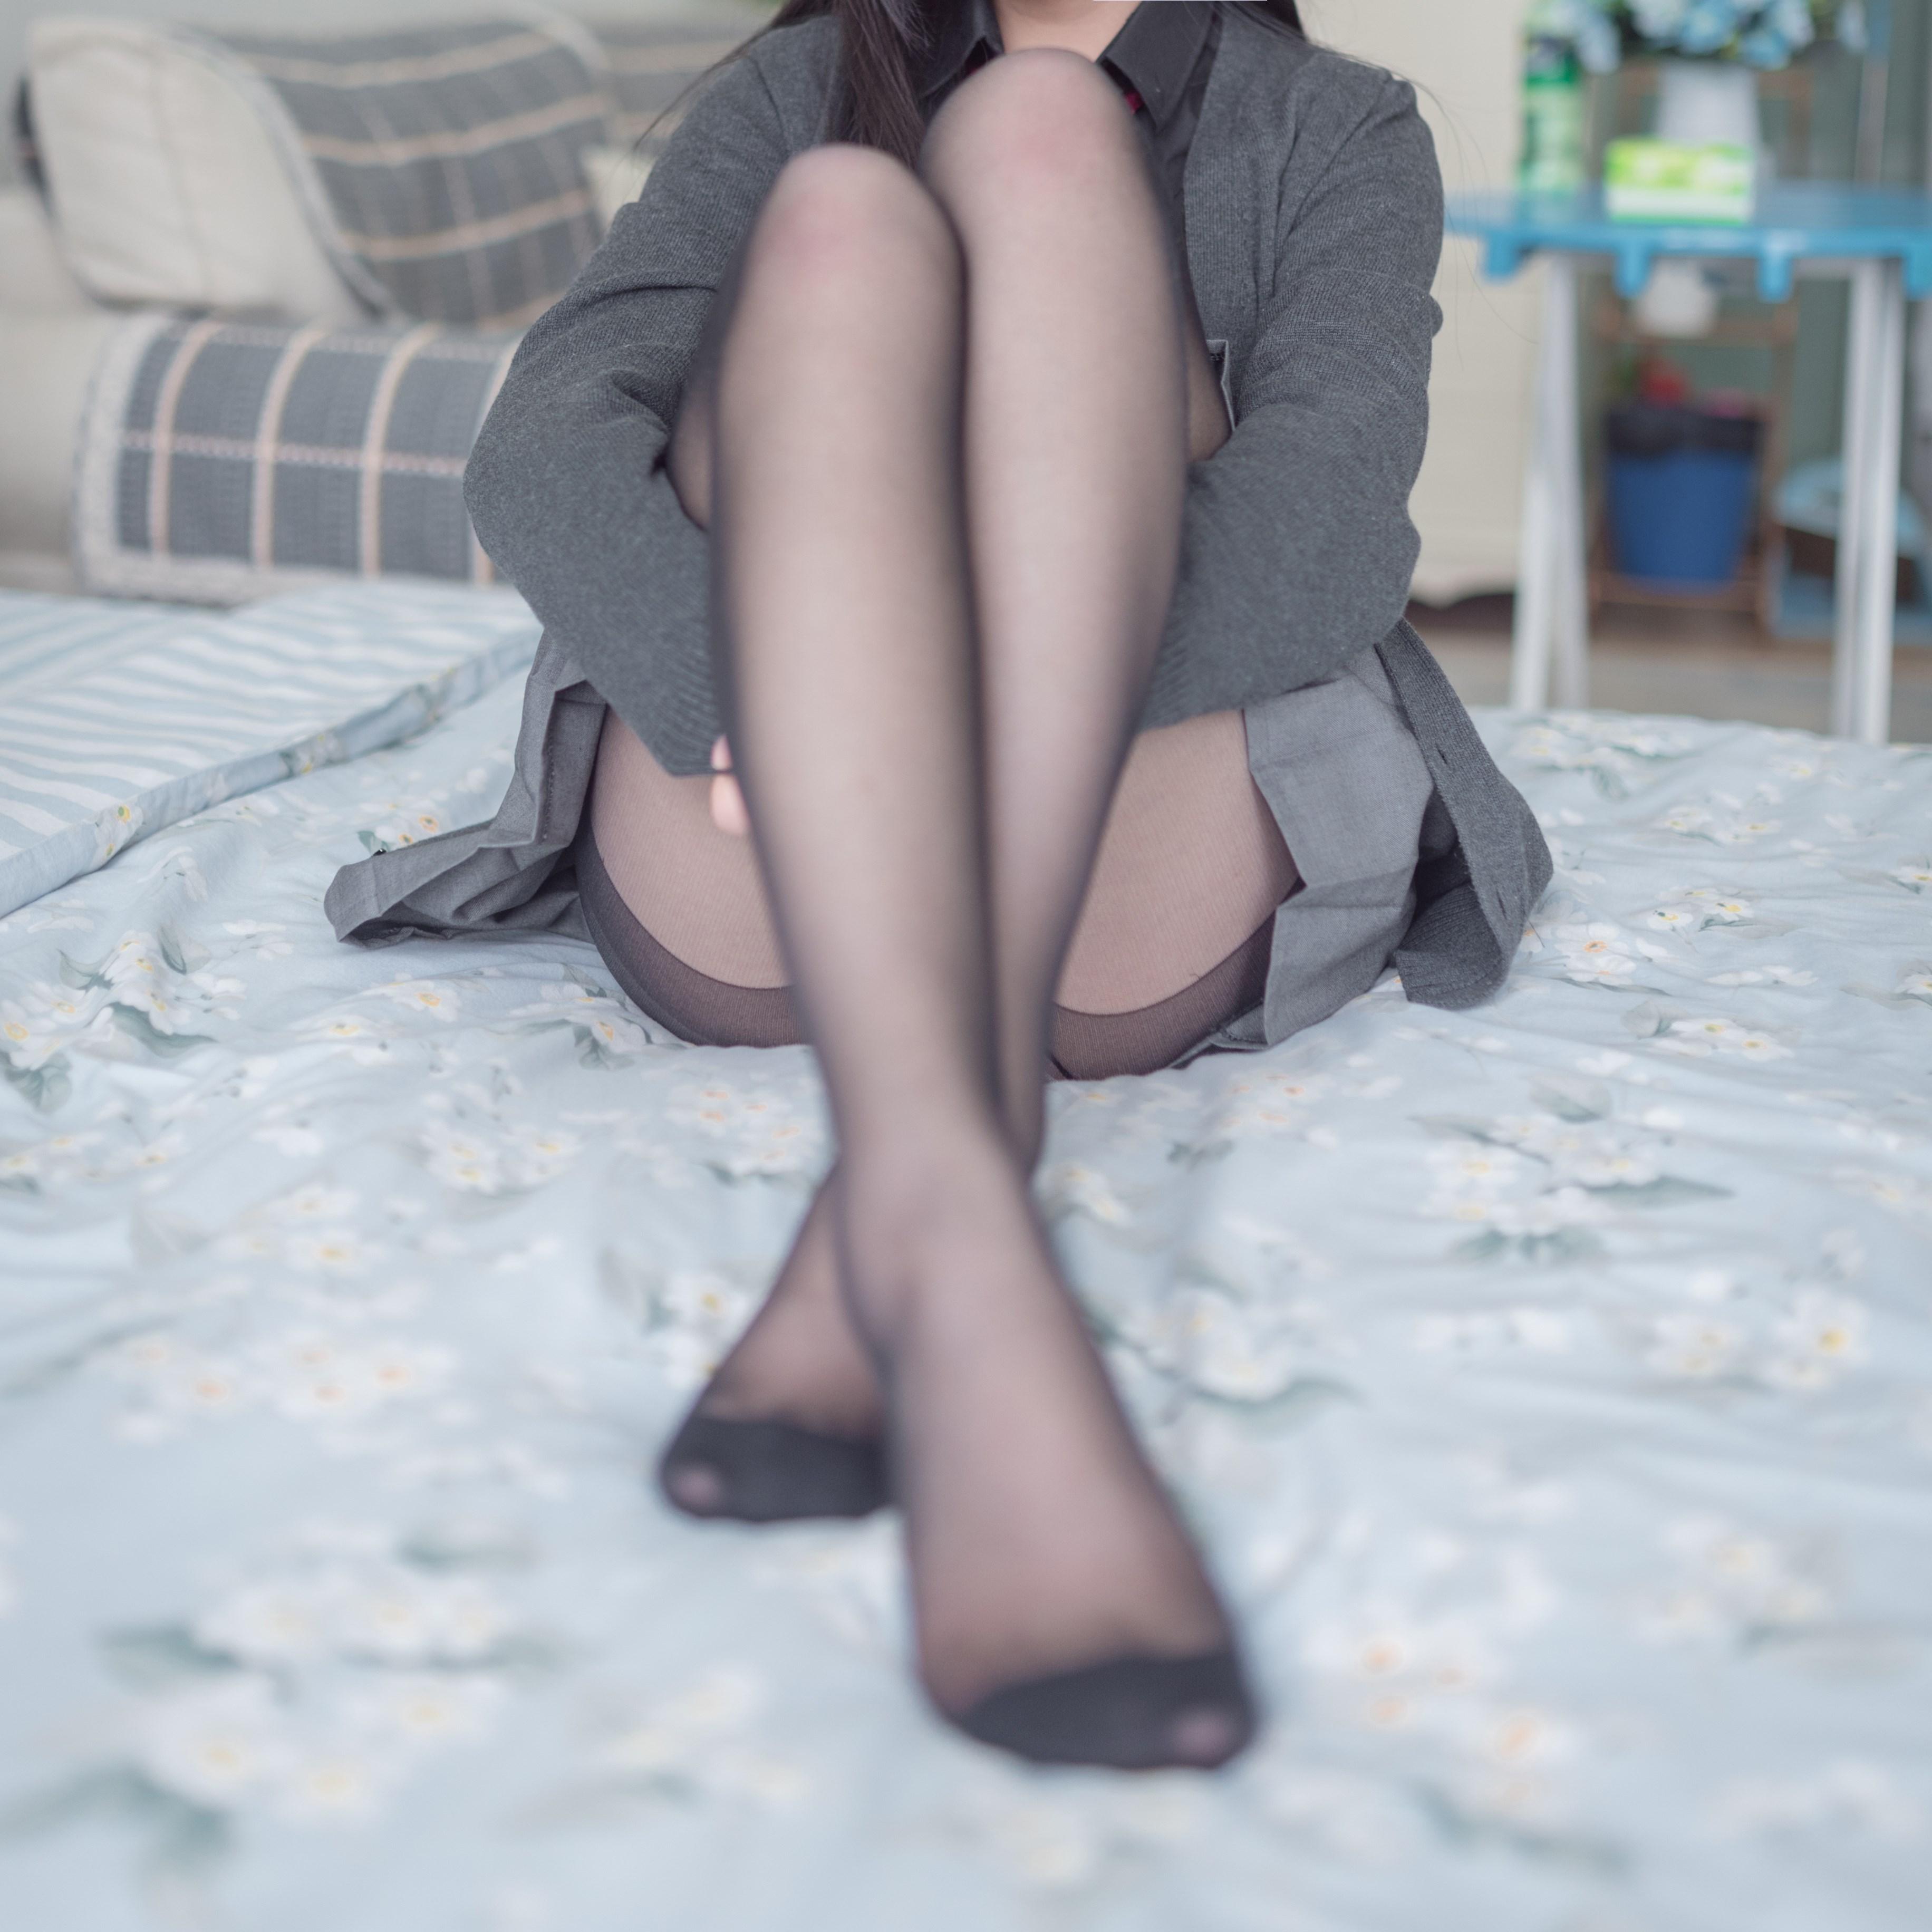 【兔玩映画】黑丝萌萌哒 兔玩映画 第3张